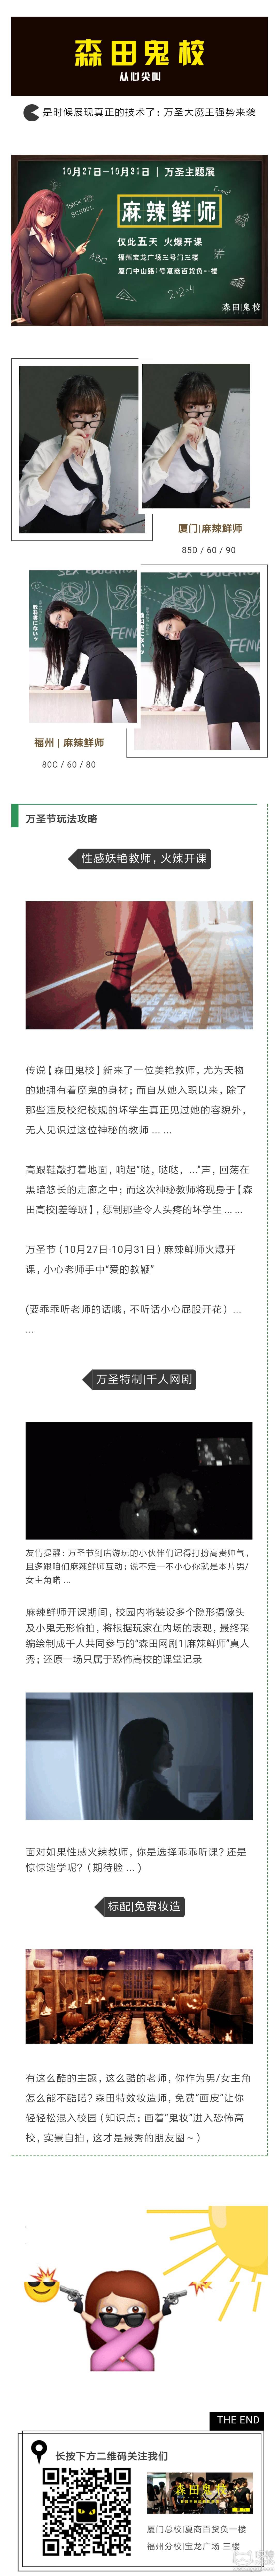 展宣的内容介绍(厦门福州两地共用).png